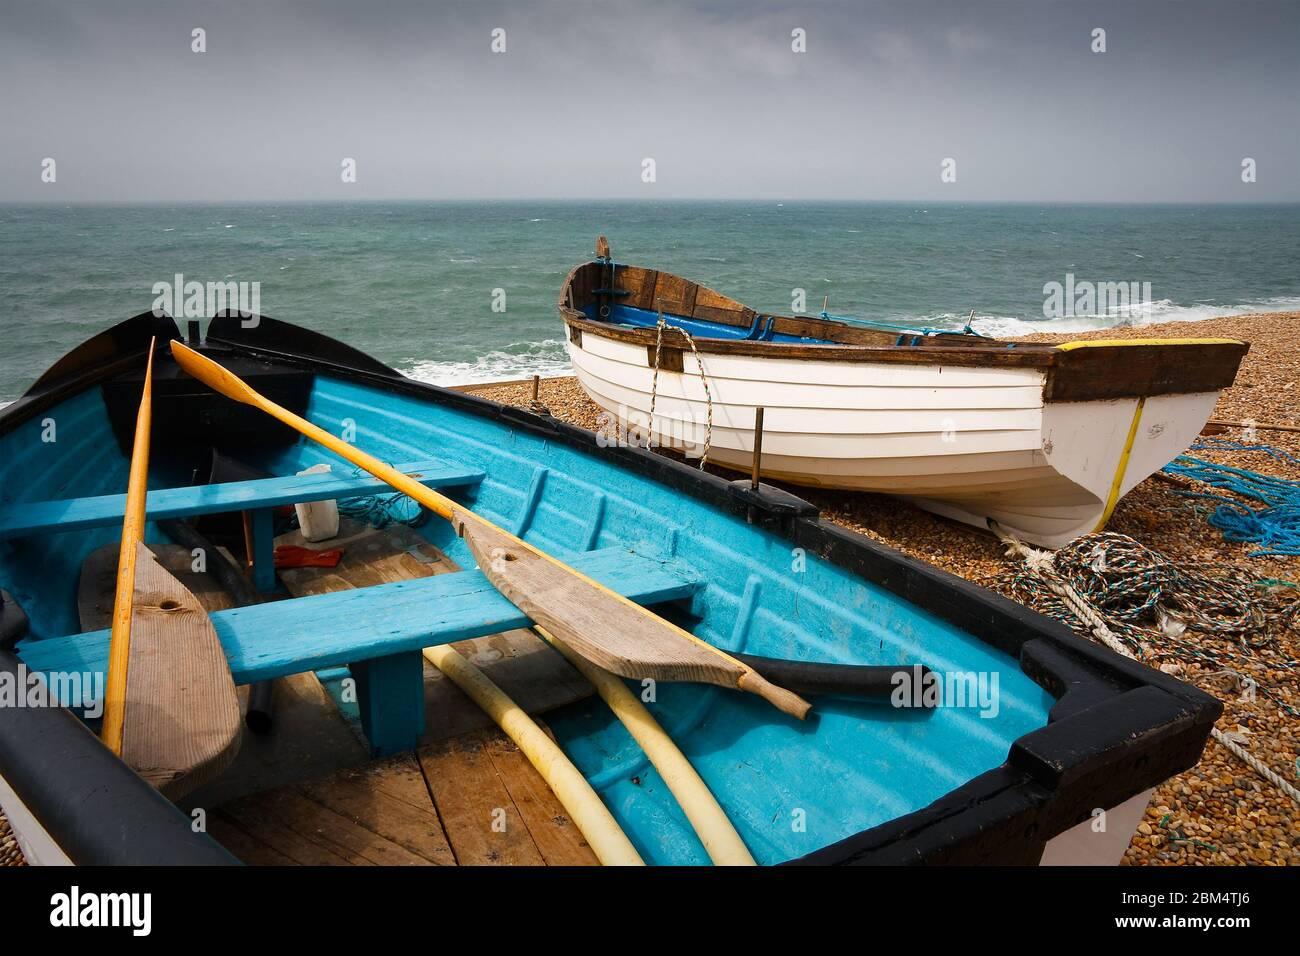 Bateaux de pêche et équipement sur la plage de Chesil à Dorset, Royaume-Uni. Banque D'Images